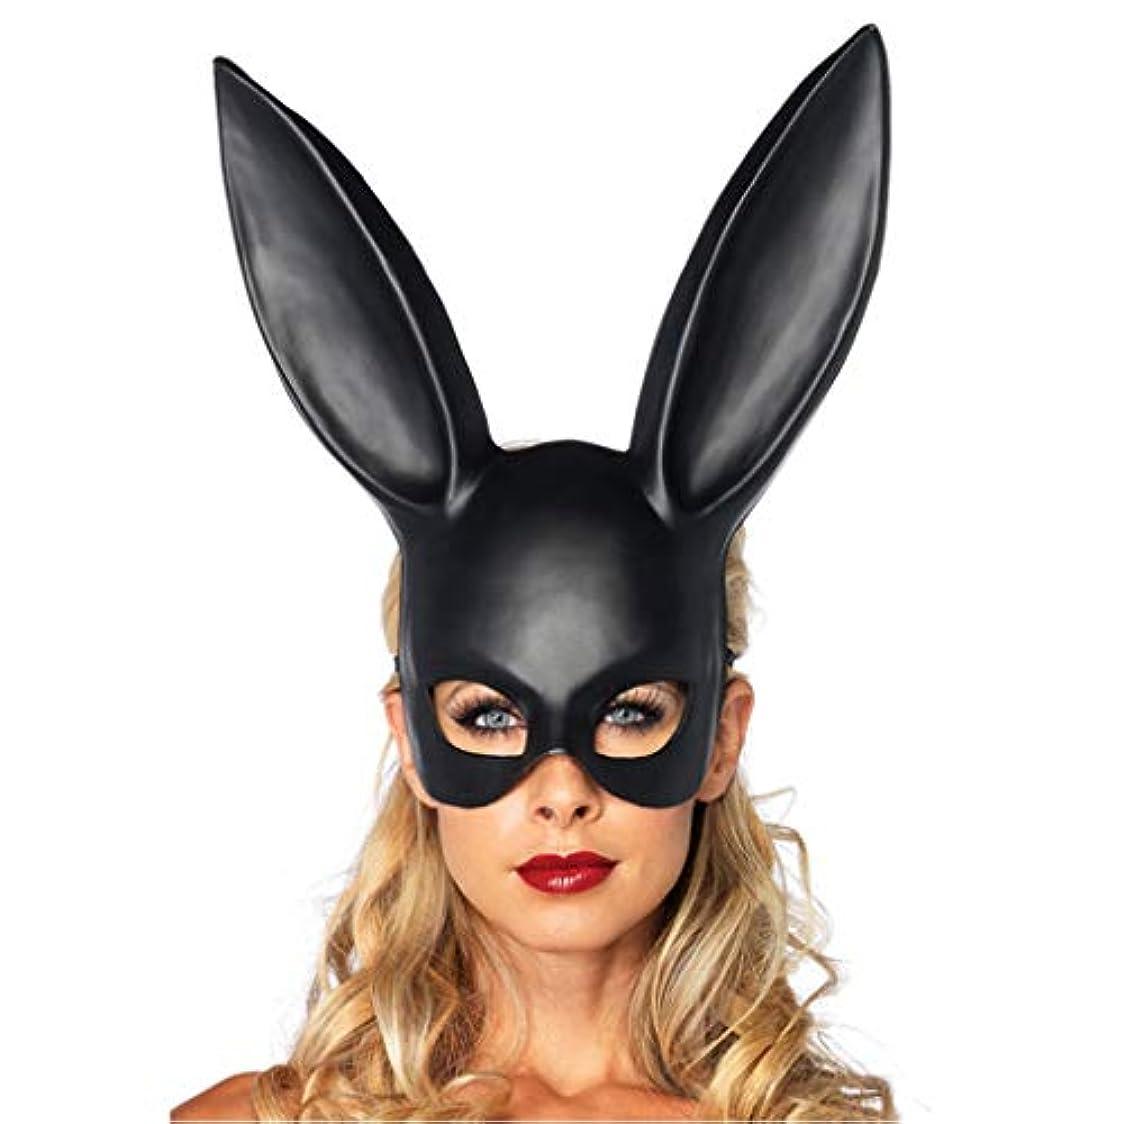 構成員傷つきやすい金曜日ハロウィンうさぎ耳仮面舞踏会ボールパーティーコスプレコスチュームパーティー (Color : BRIGHT BLACK)